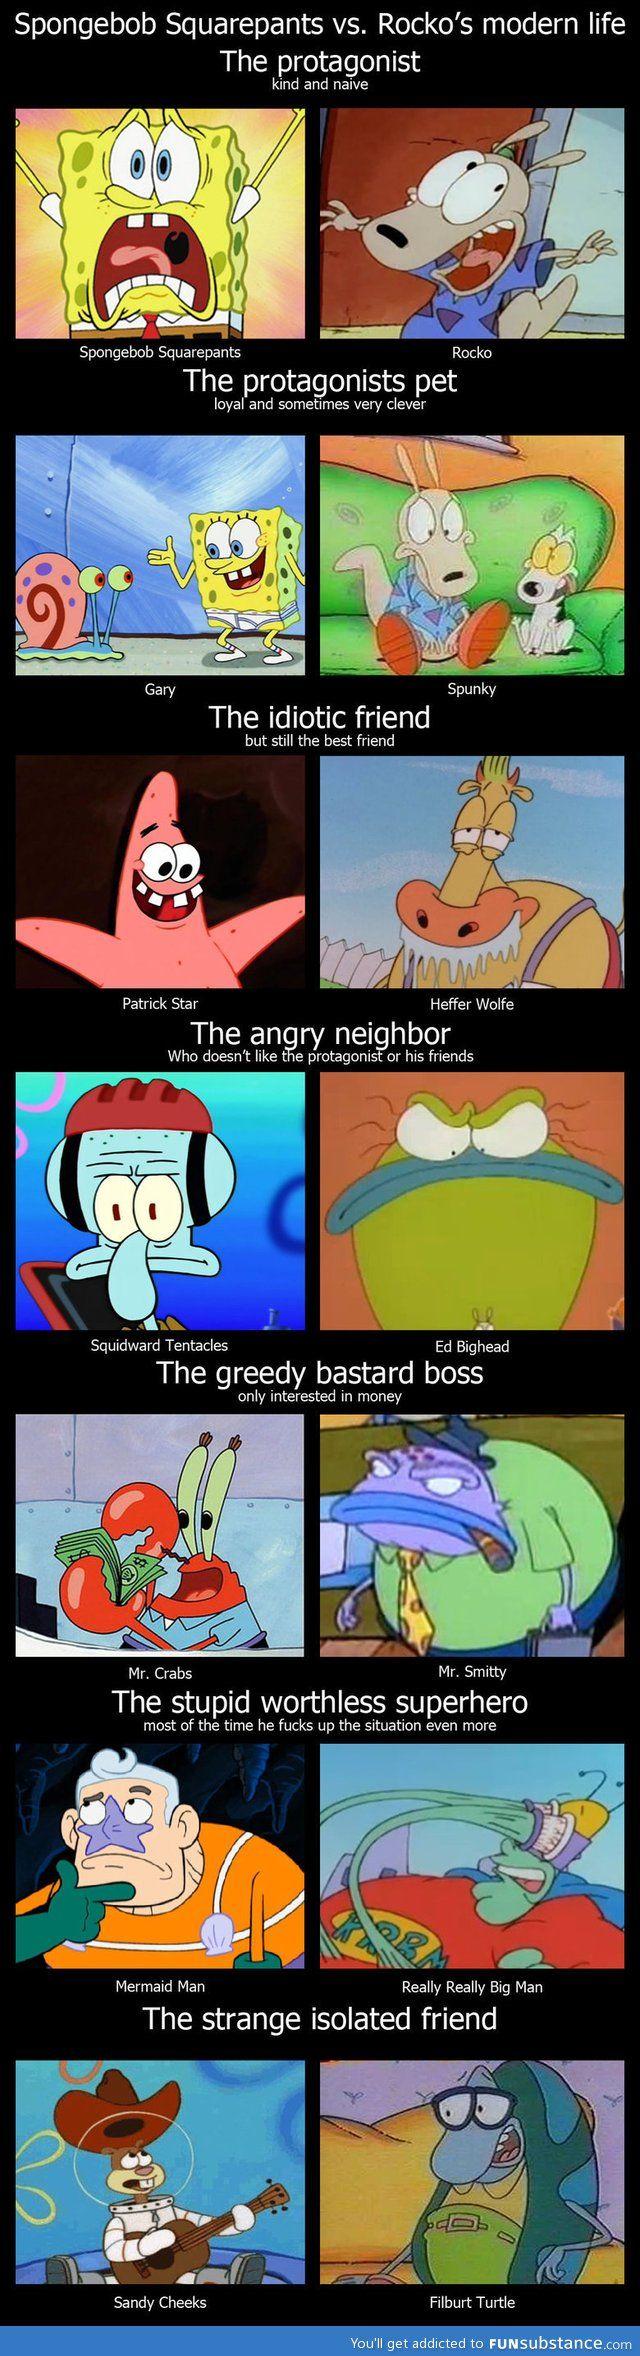 Spongebob vs. Rocko's Modern Life